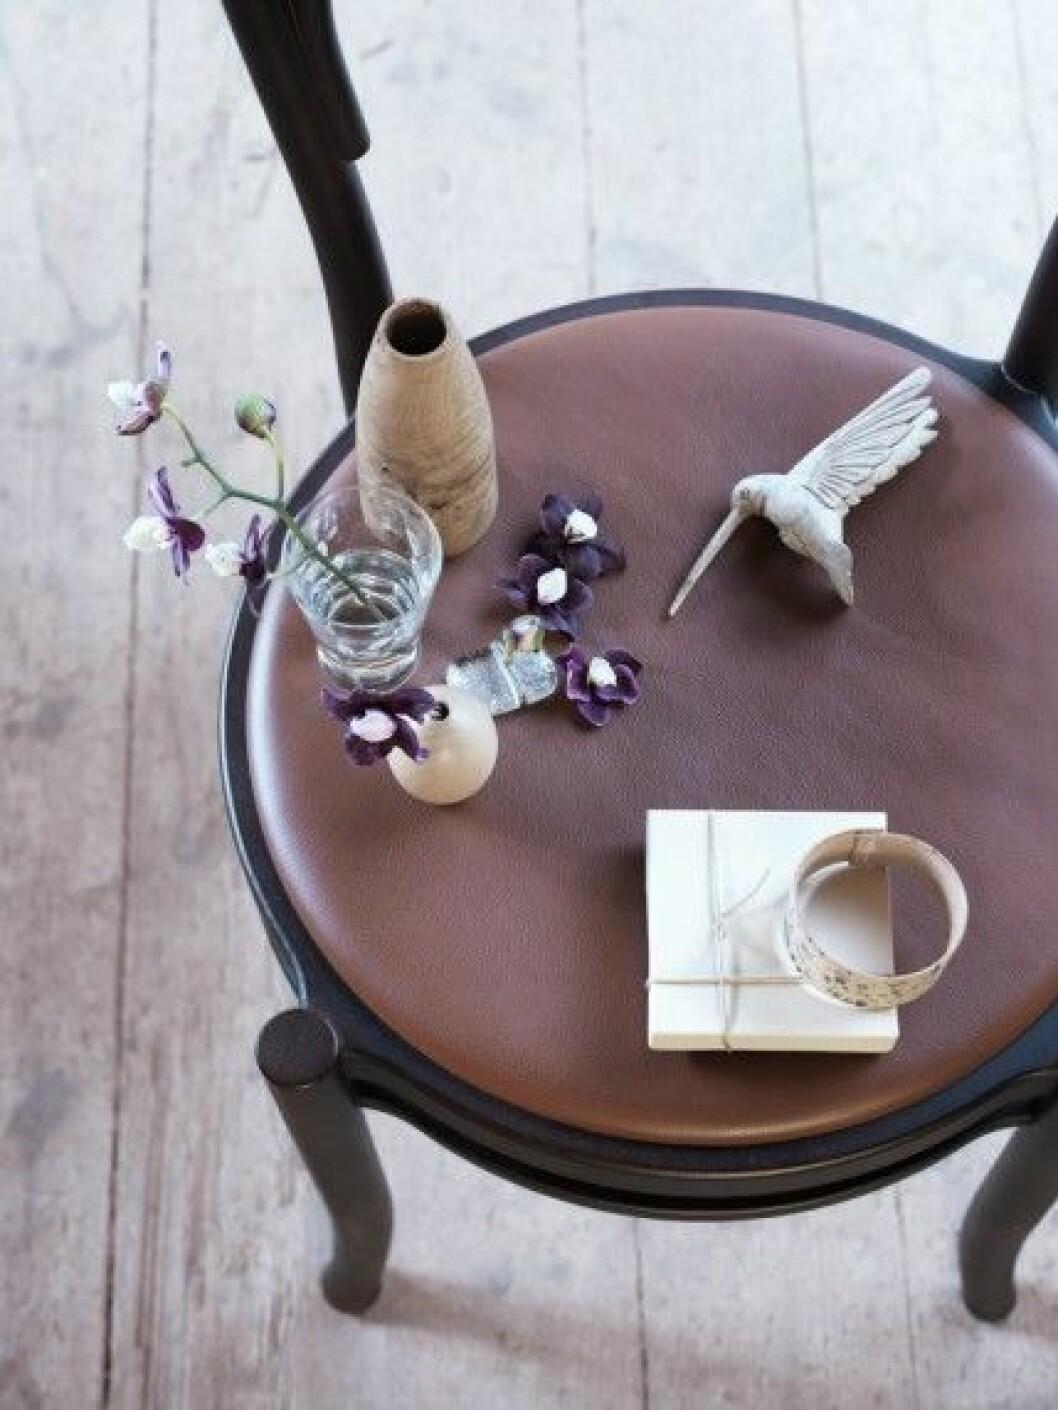 Vårinspiration-inredning-Lo-bjurulf-Stellan-herner-minivaser-smycken-vårpynt